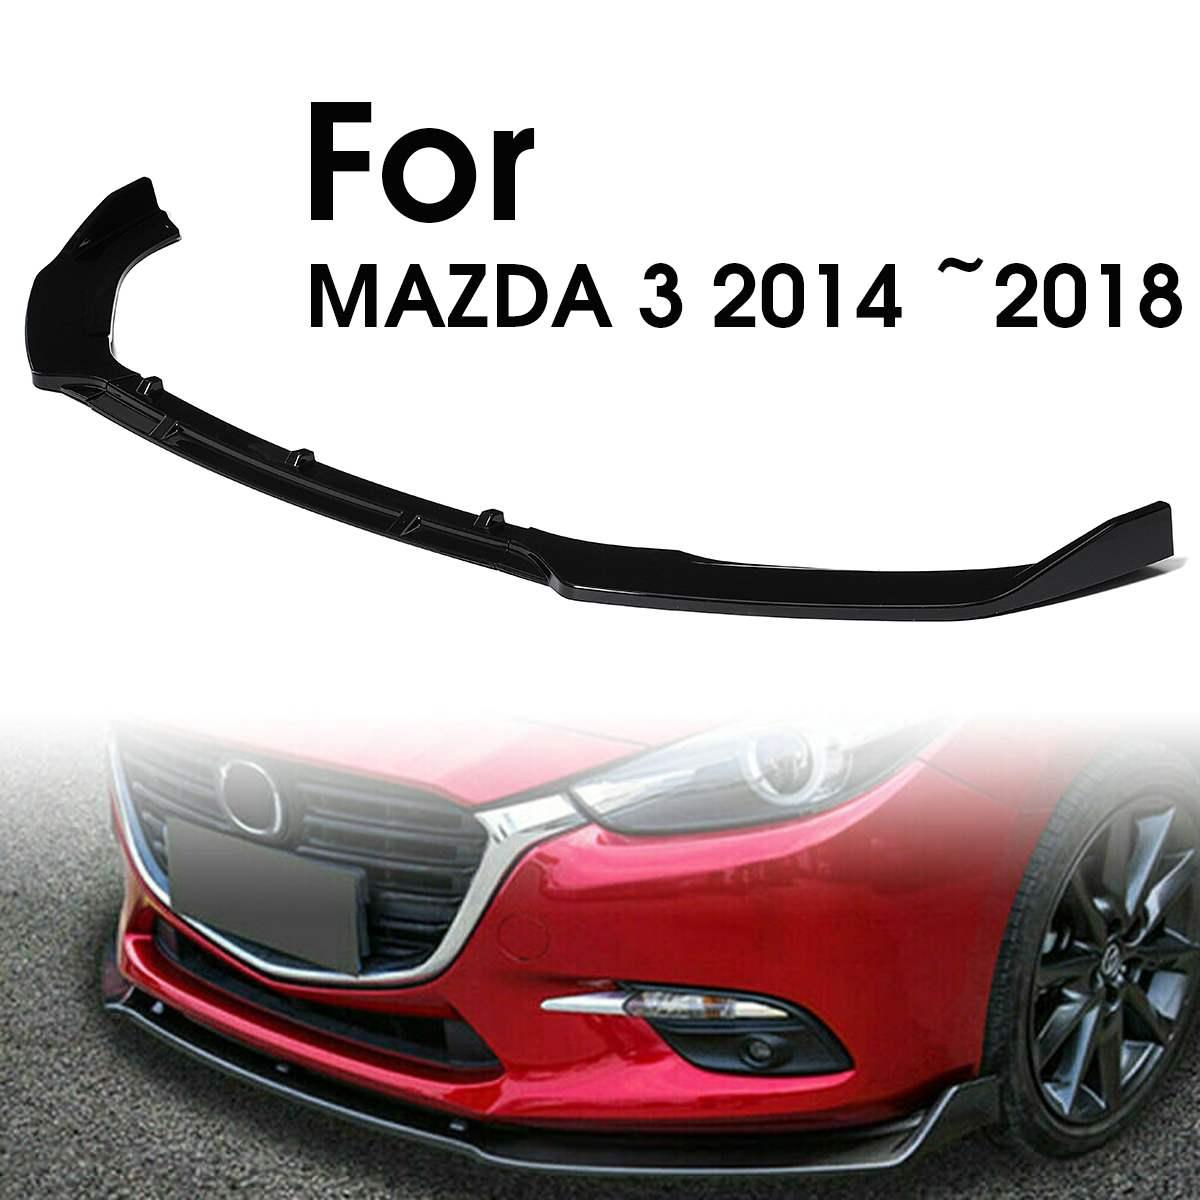 3Pcs Glanzend Zwarte Auto Voorbumper Splitter Lip Cover Trim Voorbumper Diffuser Lip Cover Wing Fit Voor MAZDA 3 axela 2014 2018